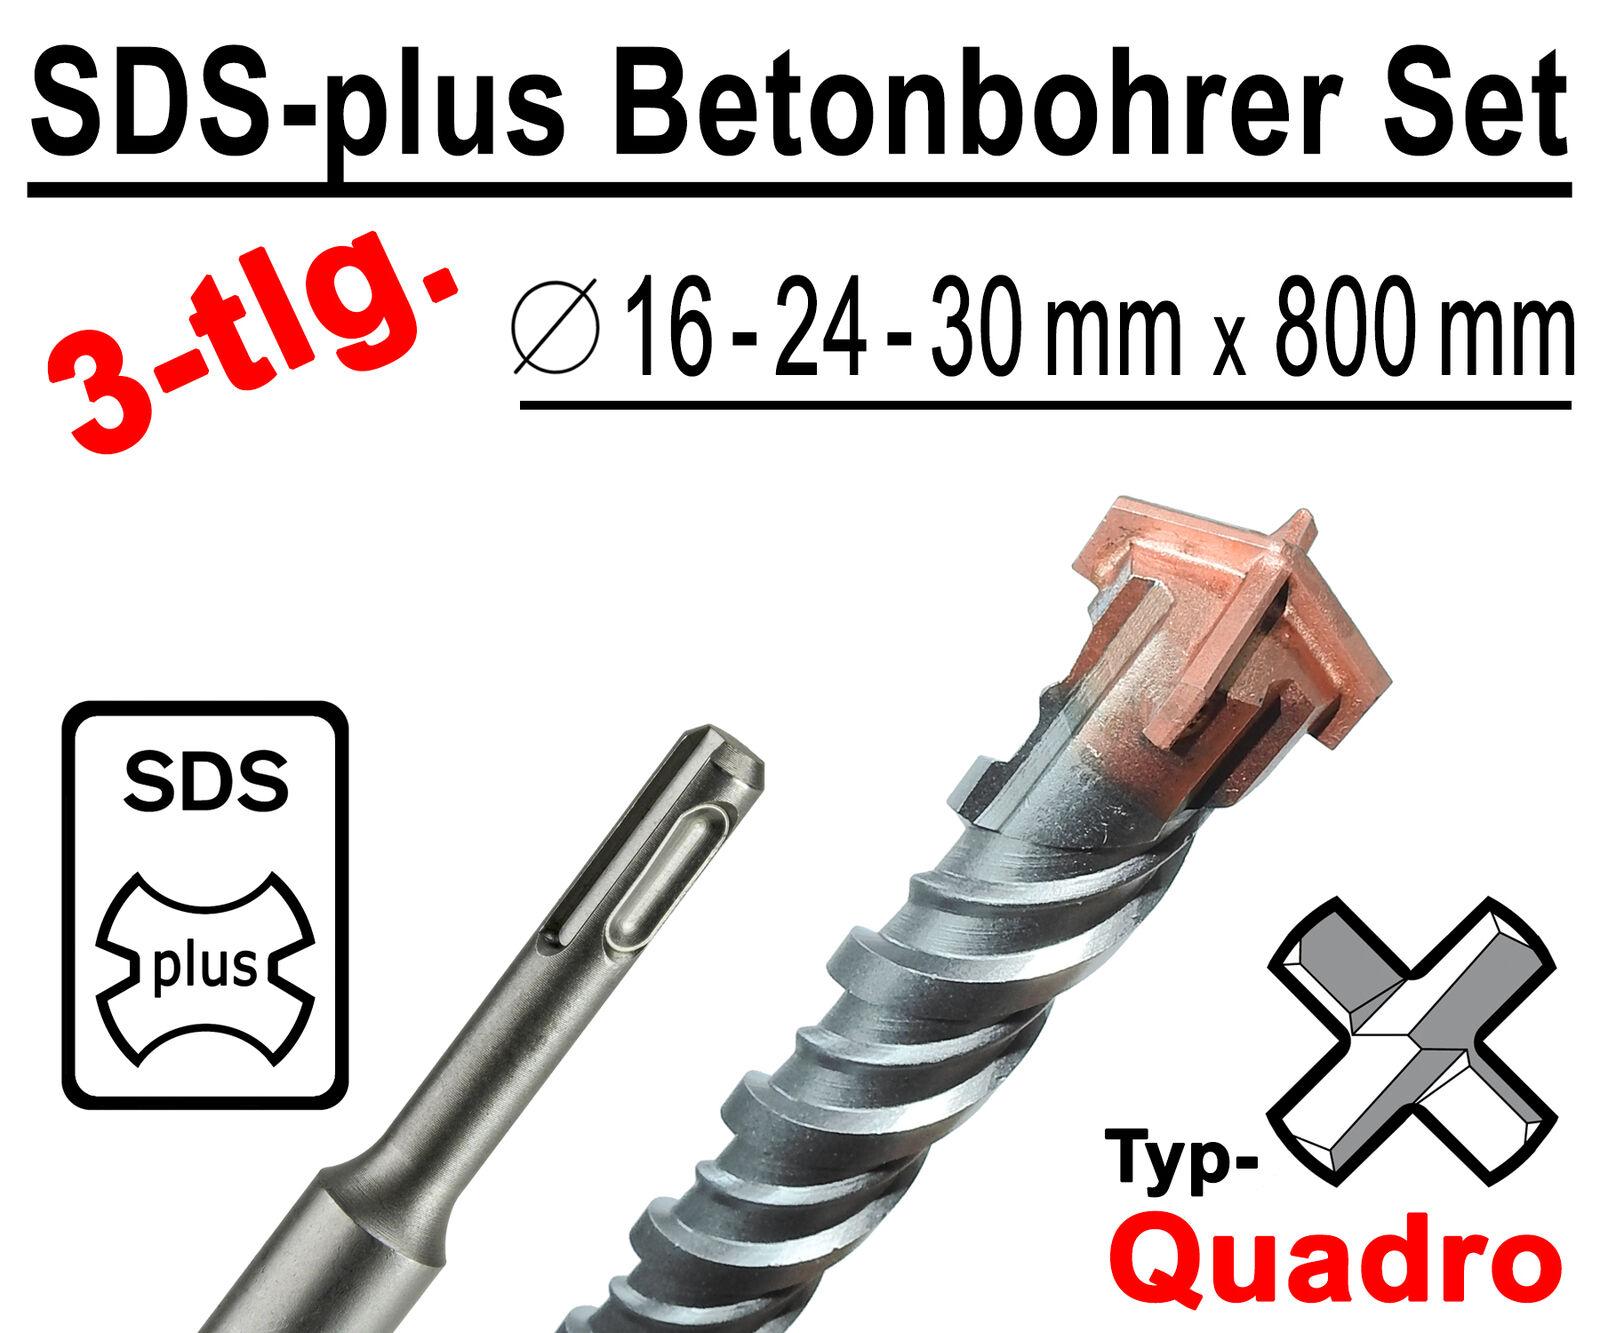 SDS-plus Betonbohrer Set 3-tlg Quadro Bohrer Hammerbohrer 16mm 24mm 30mm x 800mm